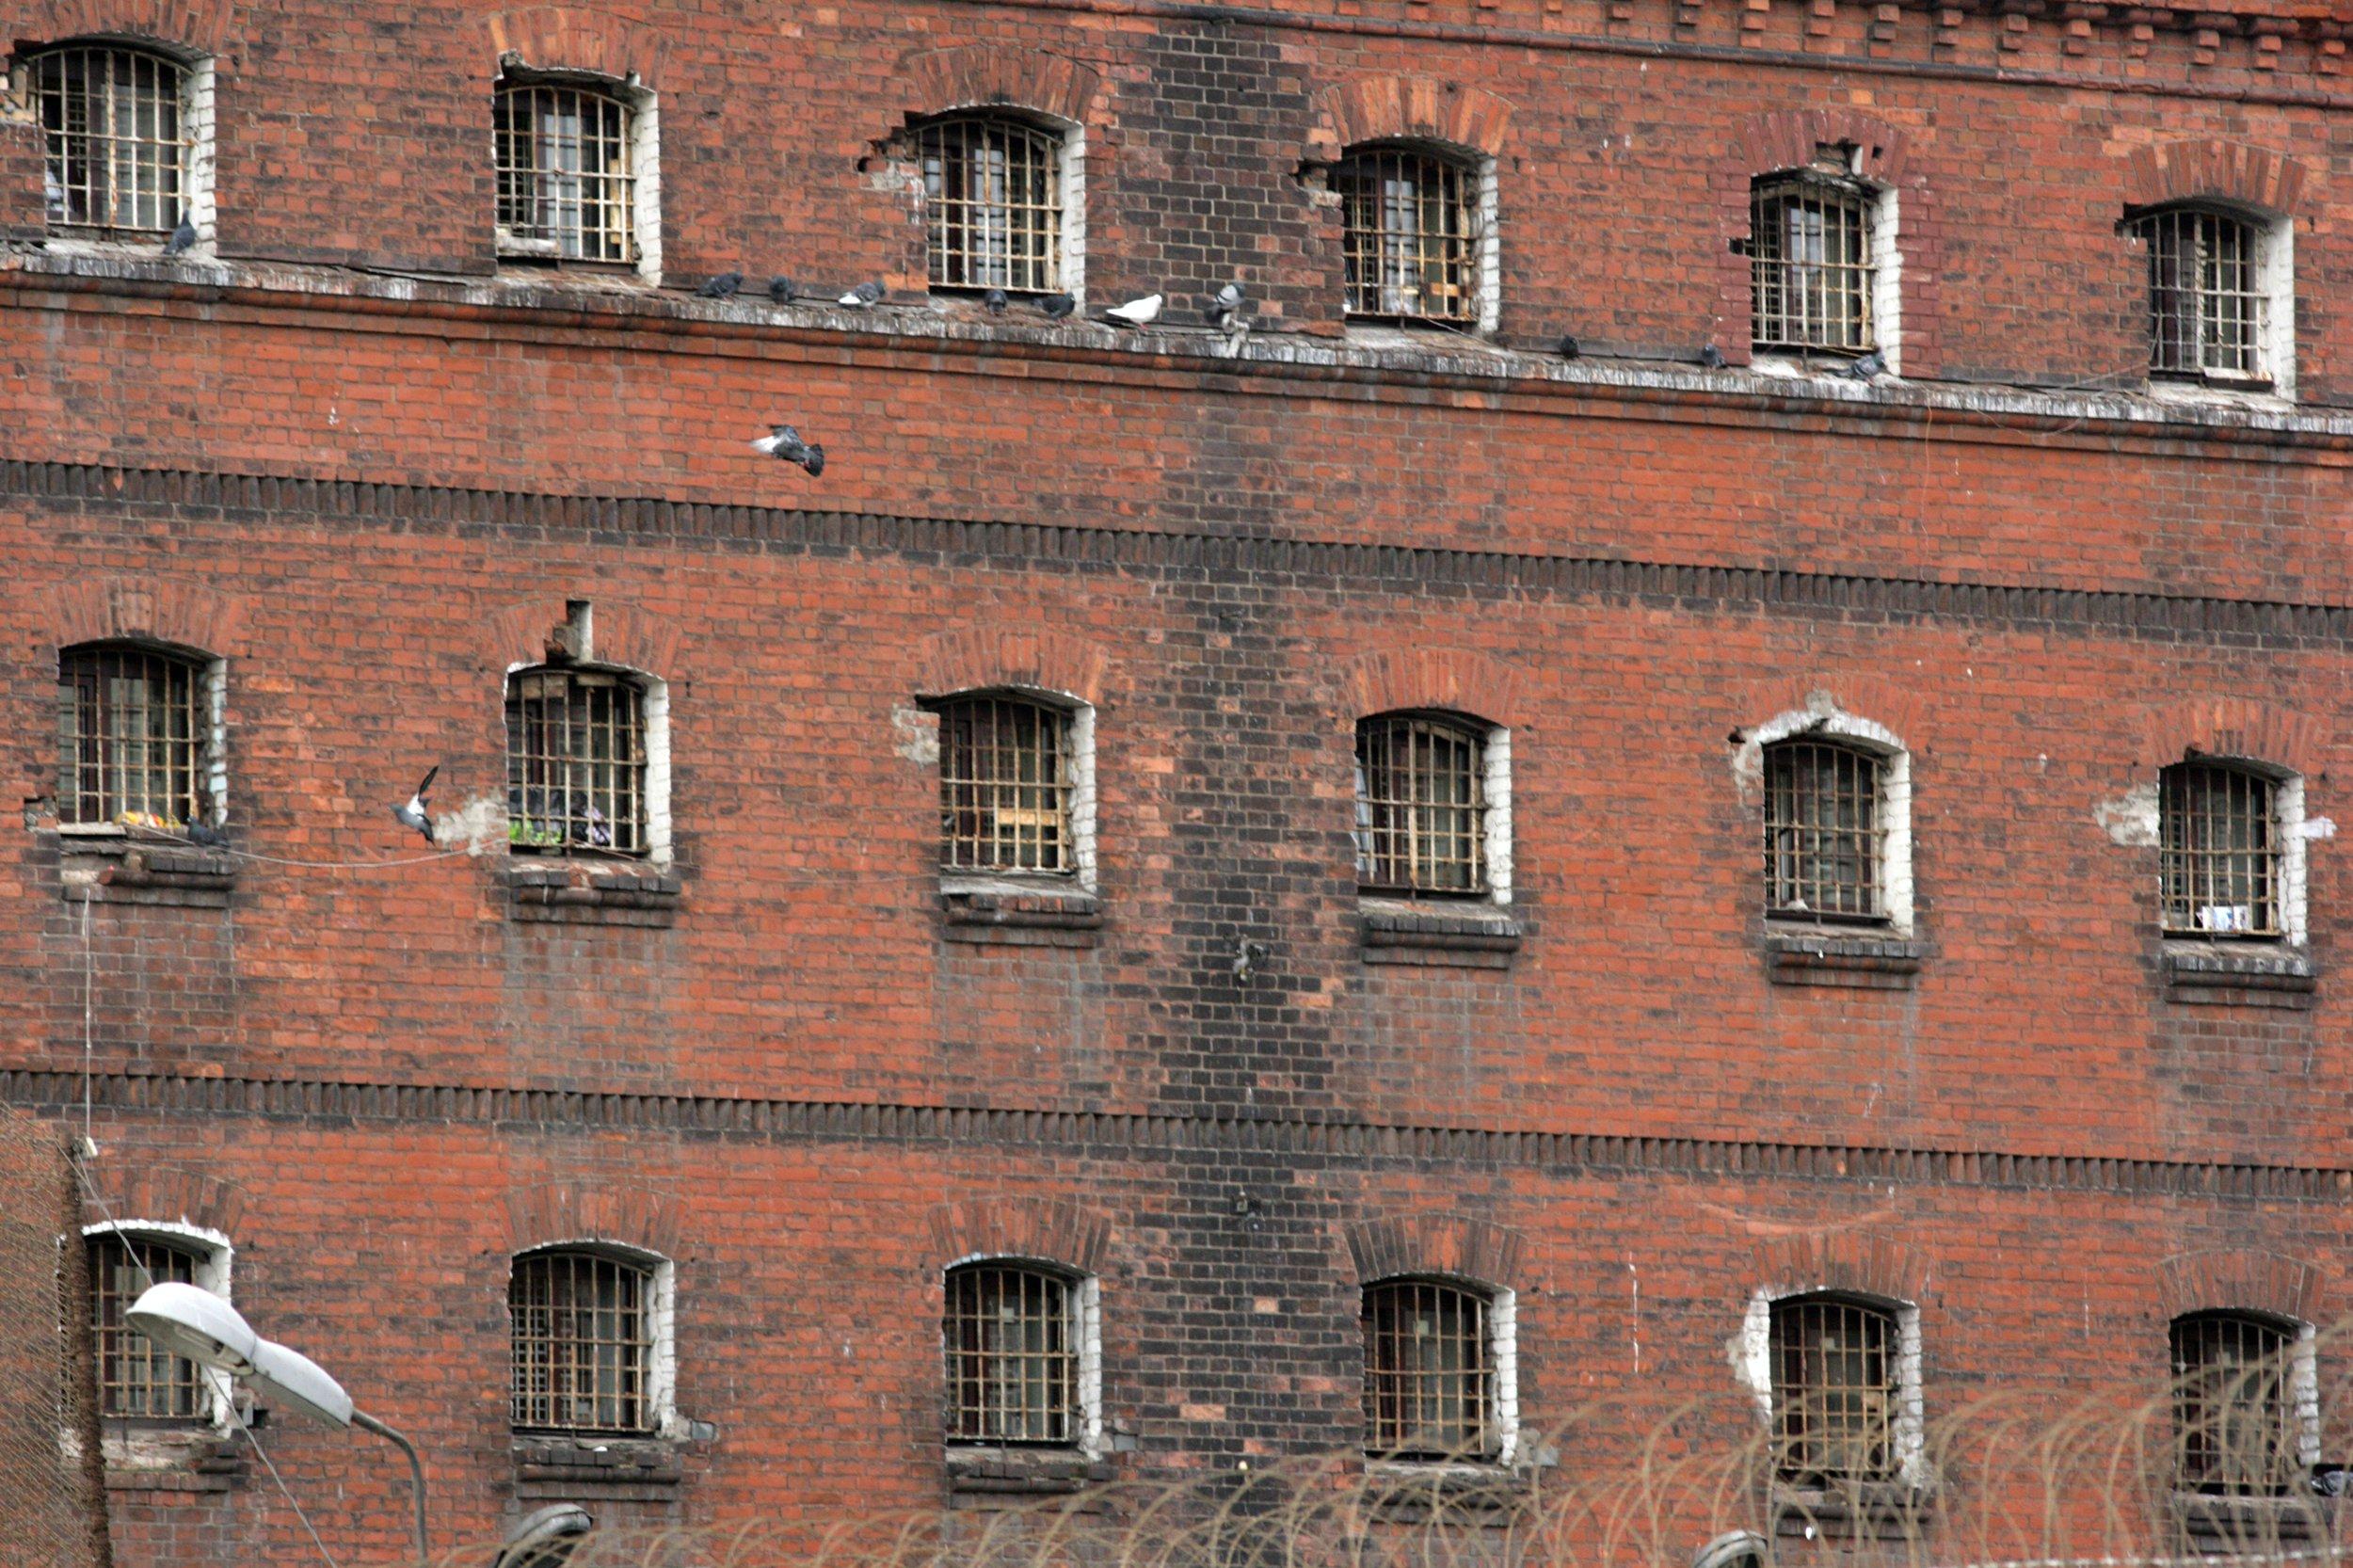 кресты фото тюрьма сверху отучить кур клевать